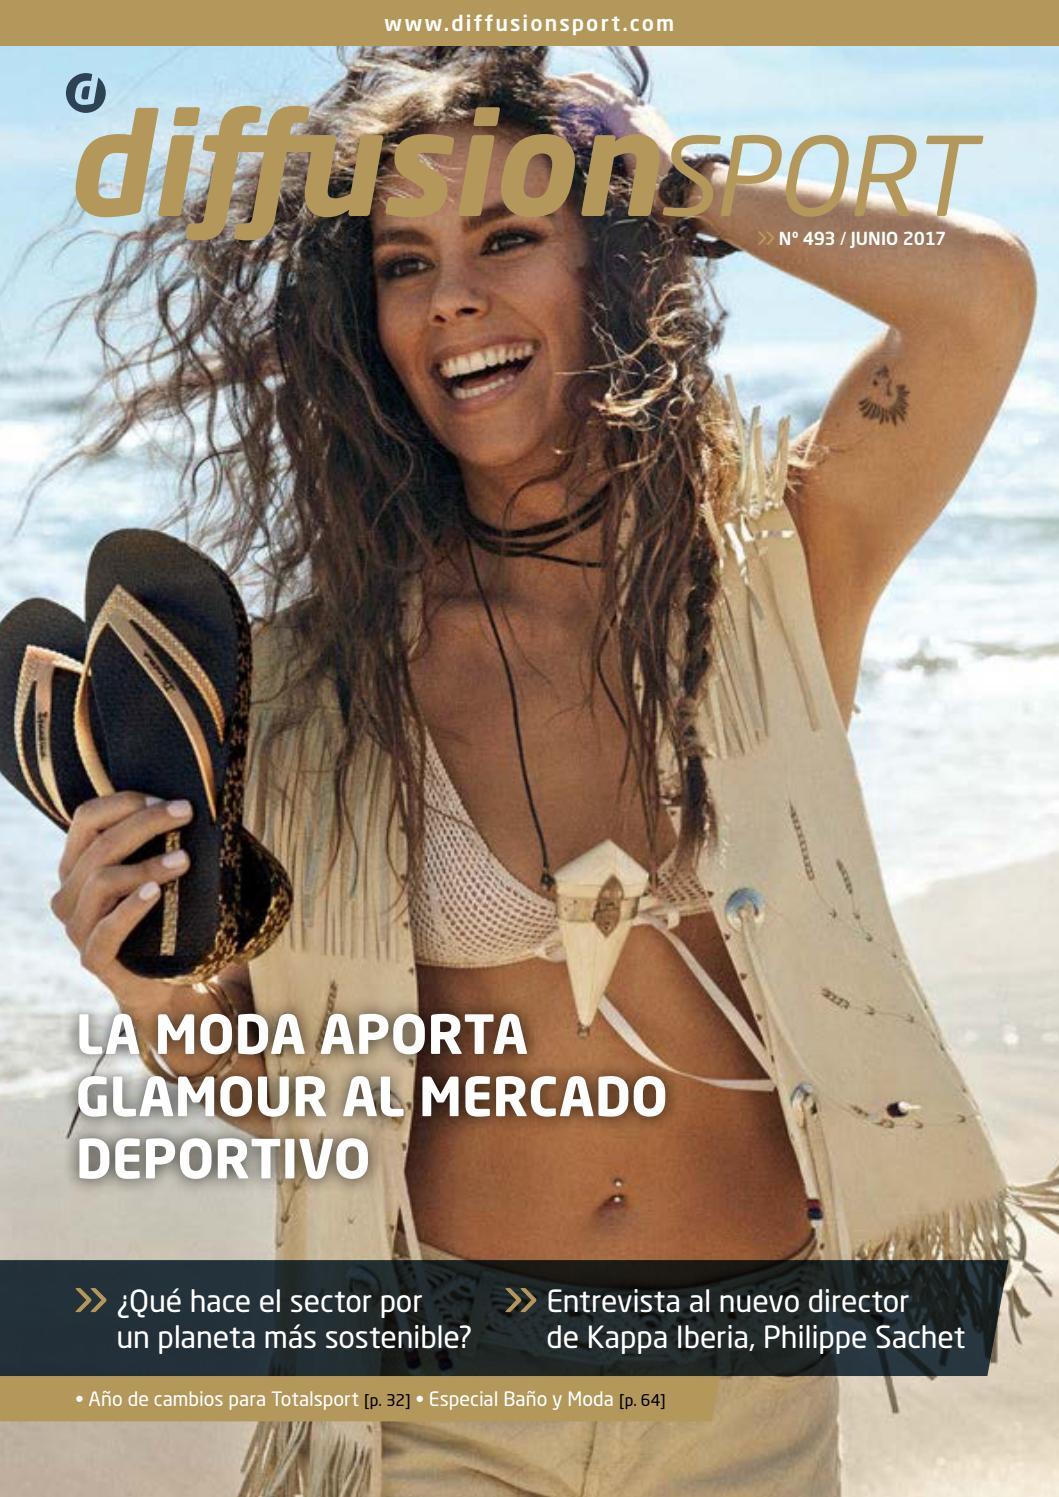 By 493 Peldaño Issuu Diffusion Sport EI9H2WYD